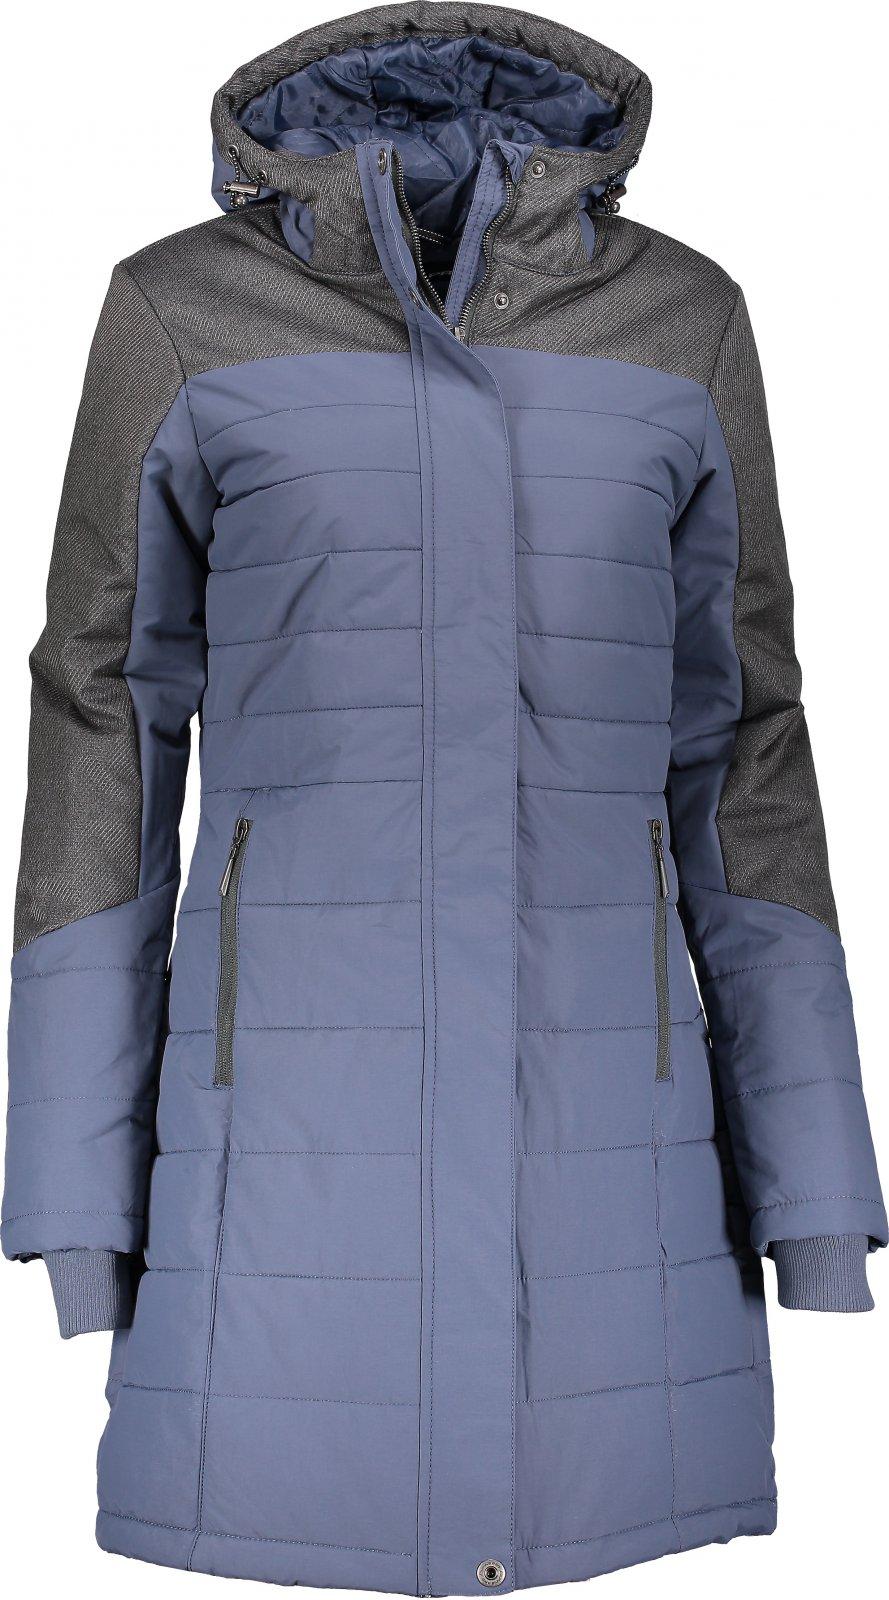 Alpine Pro Tessa 2 modrý od 1 600 Kč • Zboží.cz 8ccd6017bd6